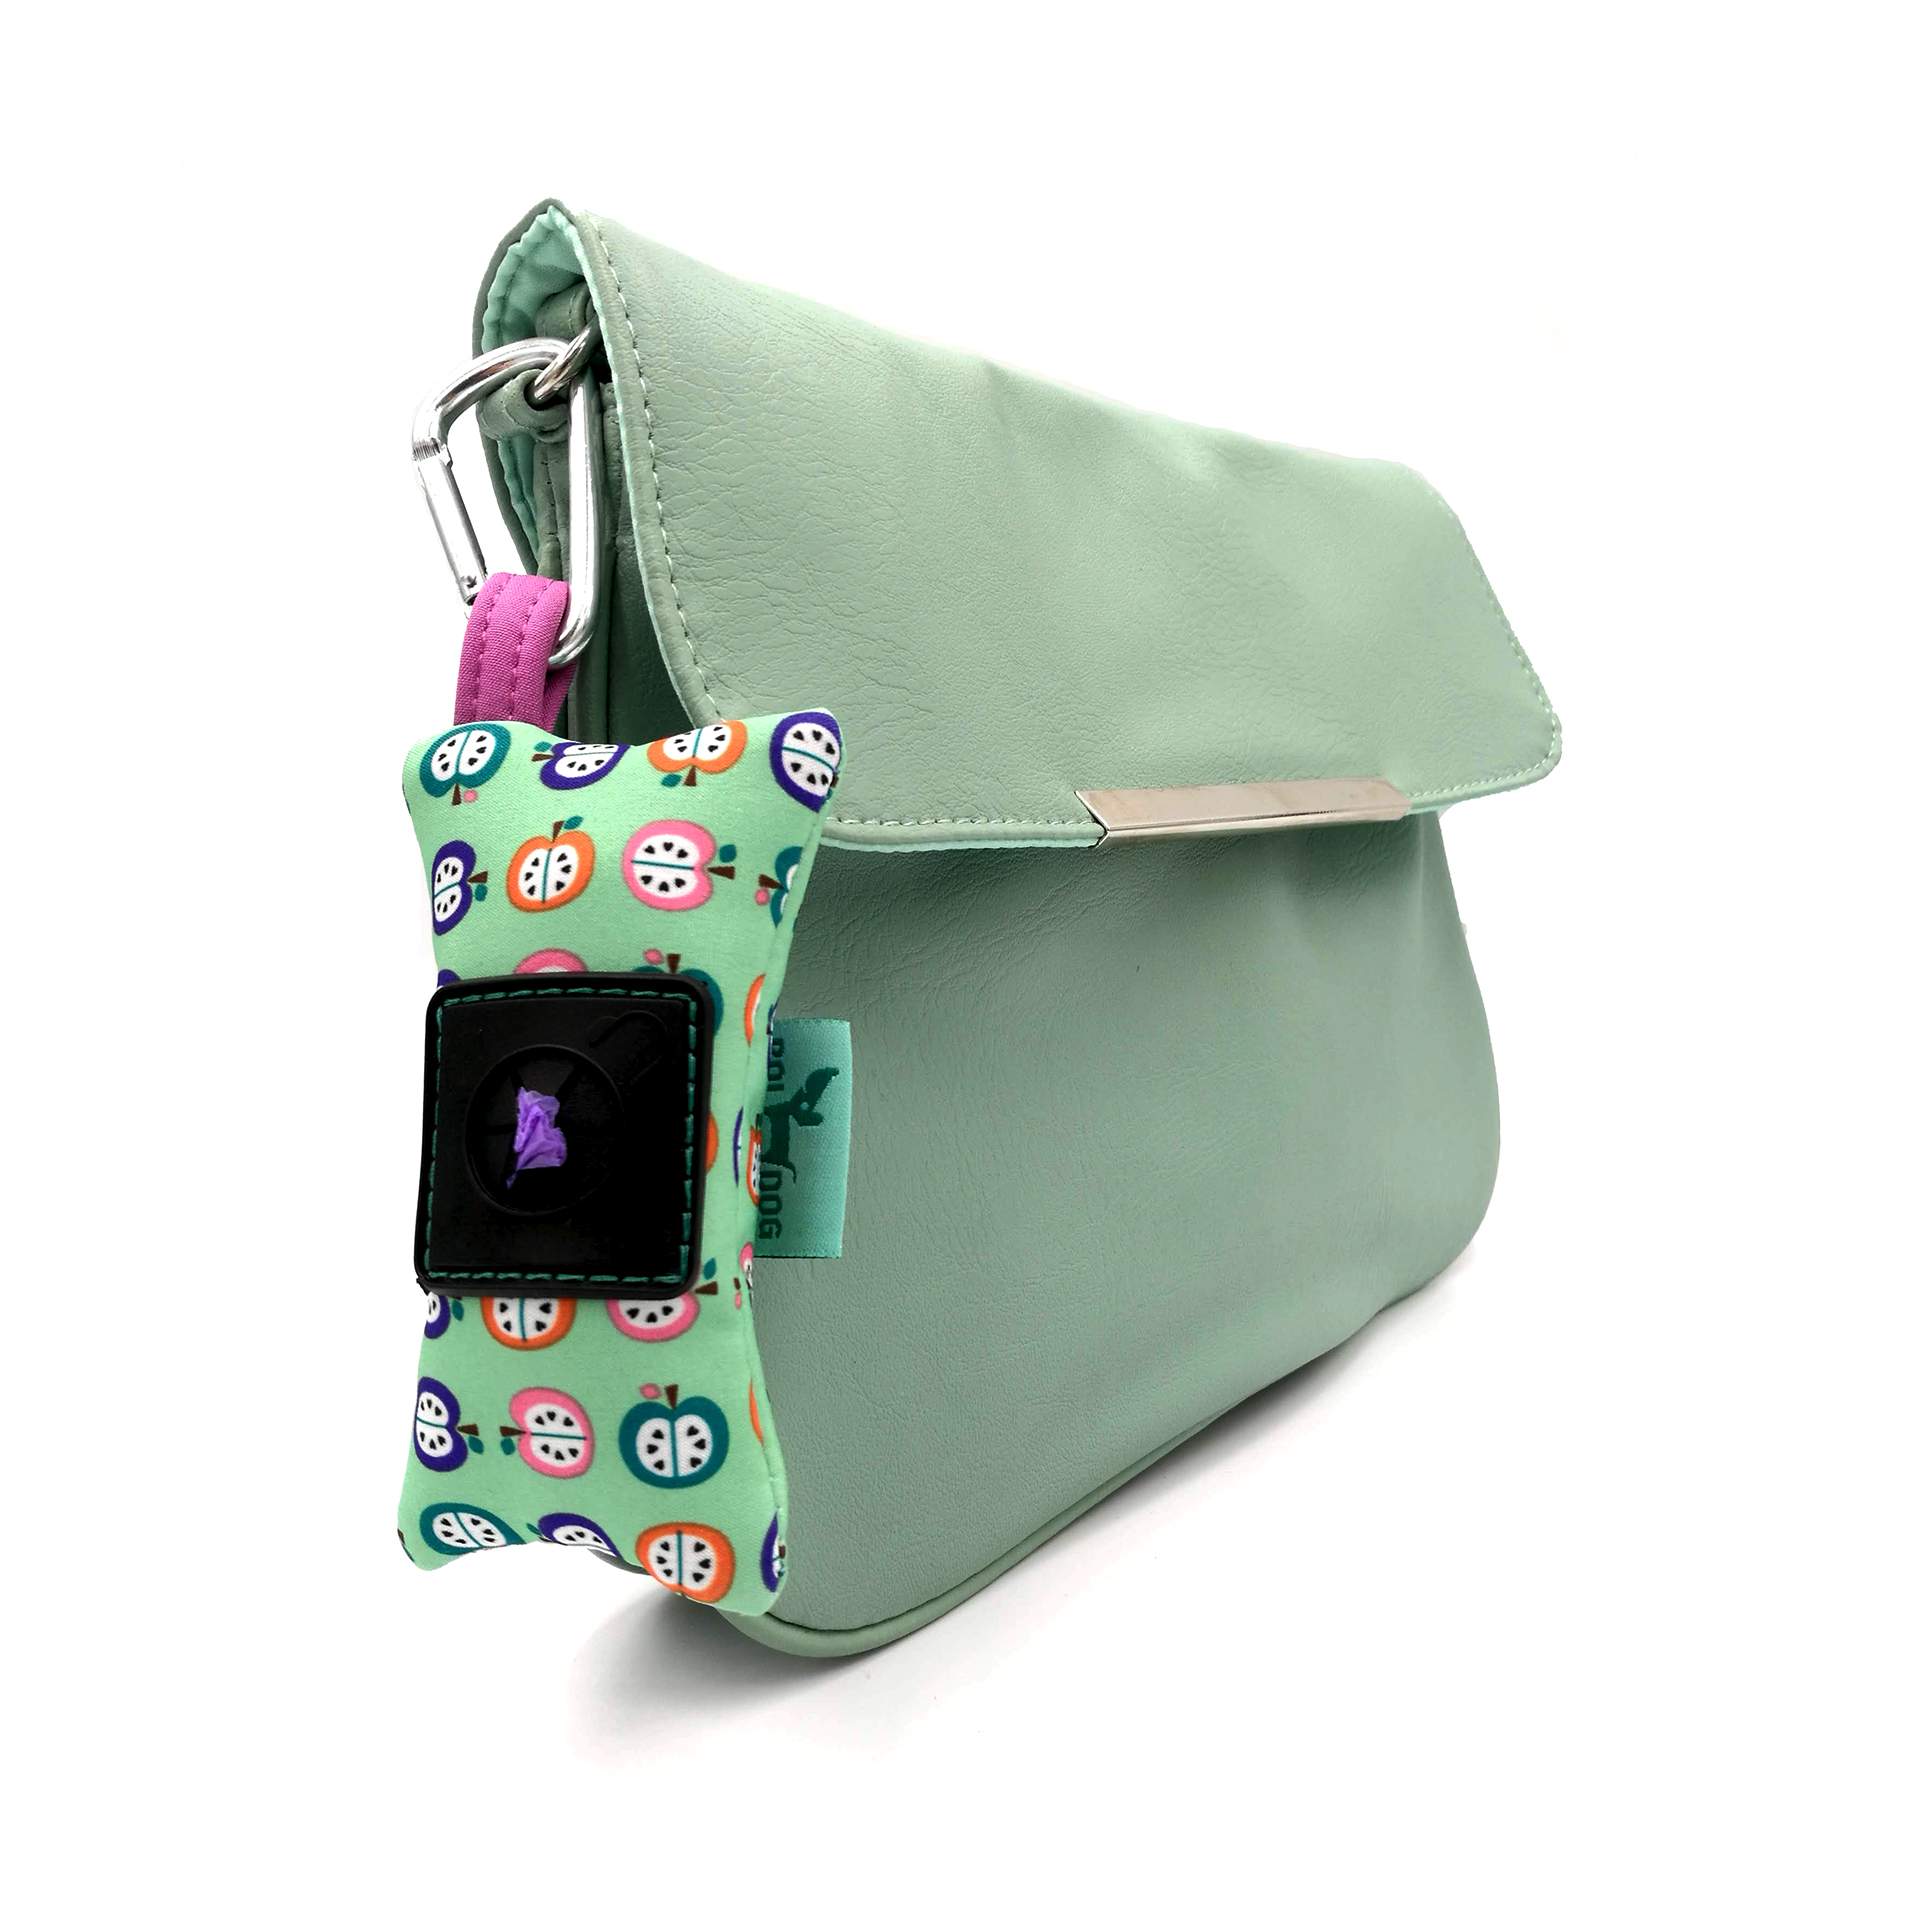 Apple patterned dog poop bag holder.